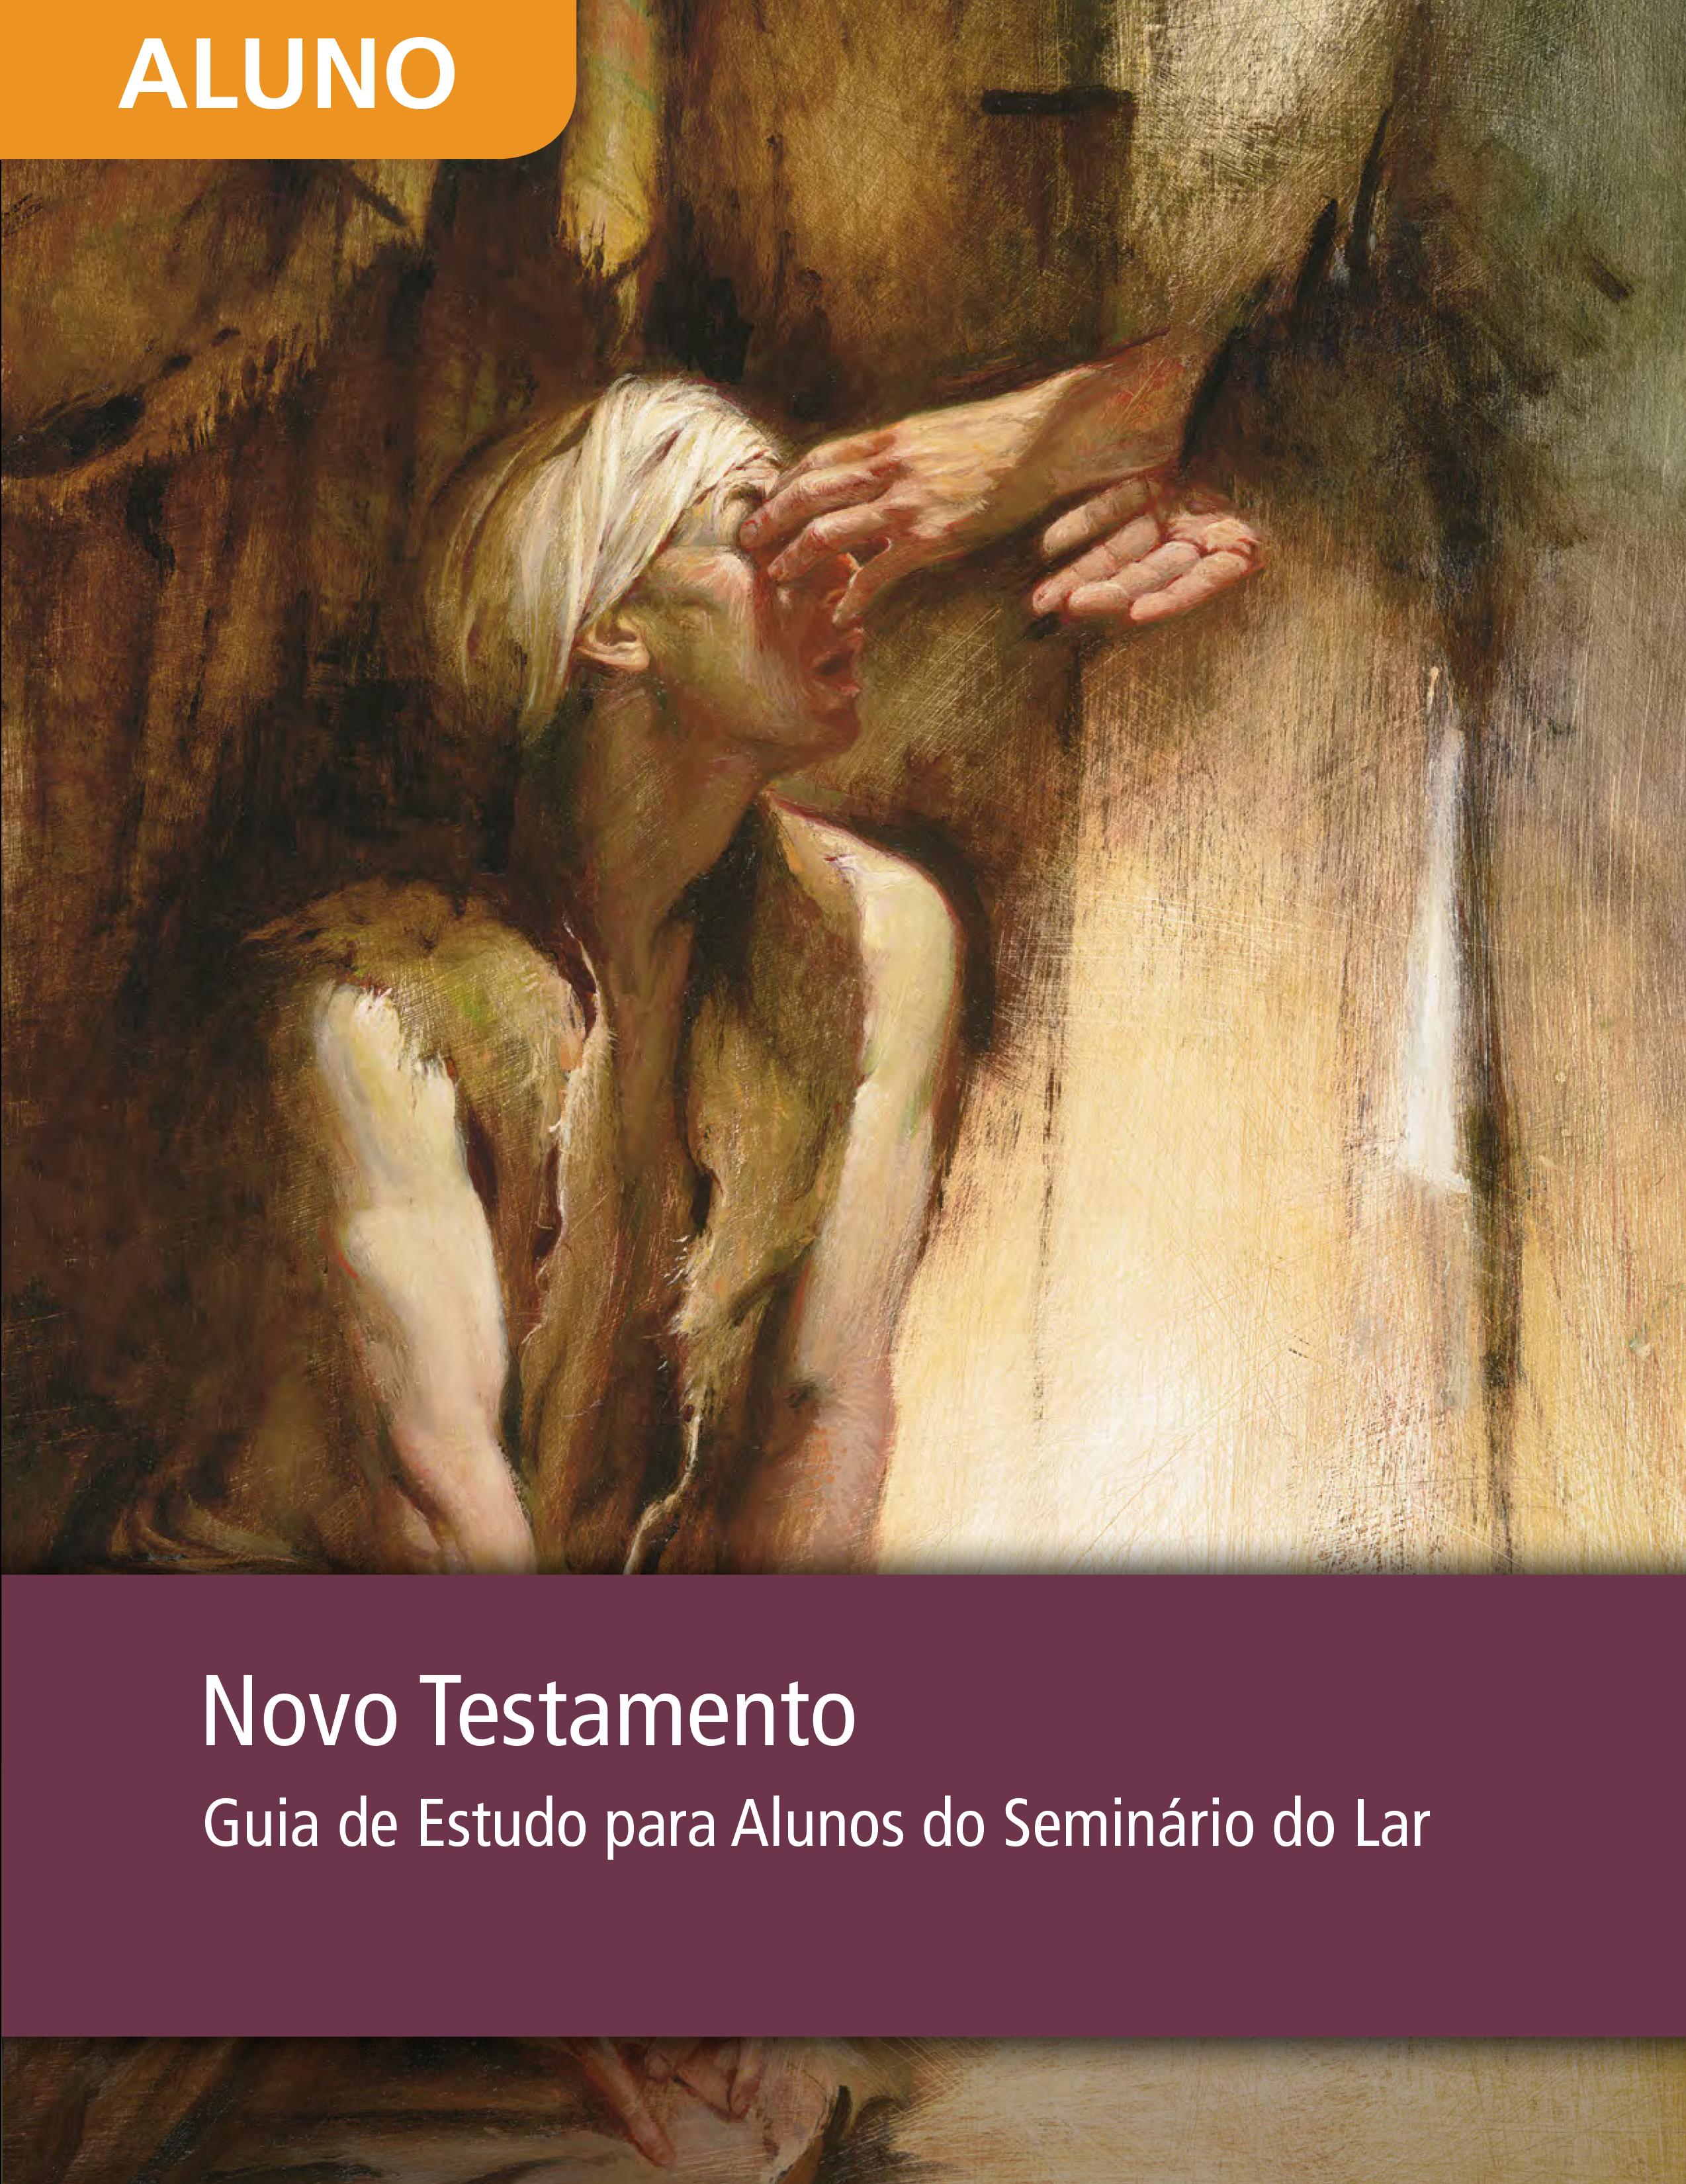 Novo Guia de Estudo do Novo Testamento para Alunos do Seminário no Lar